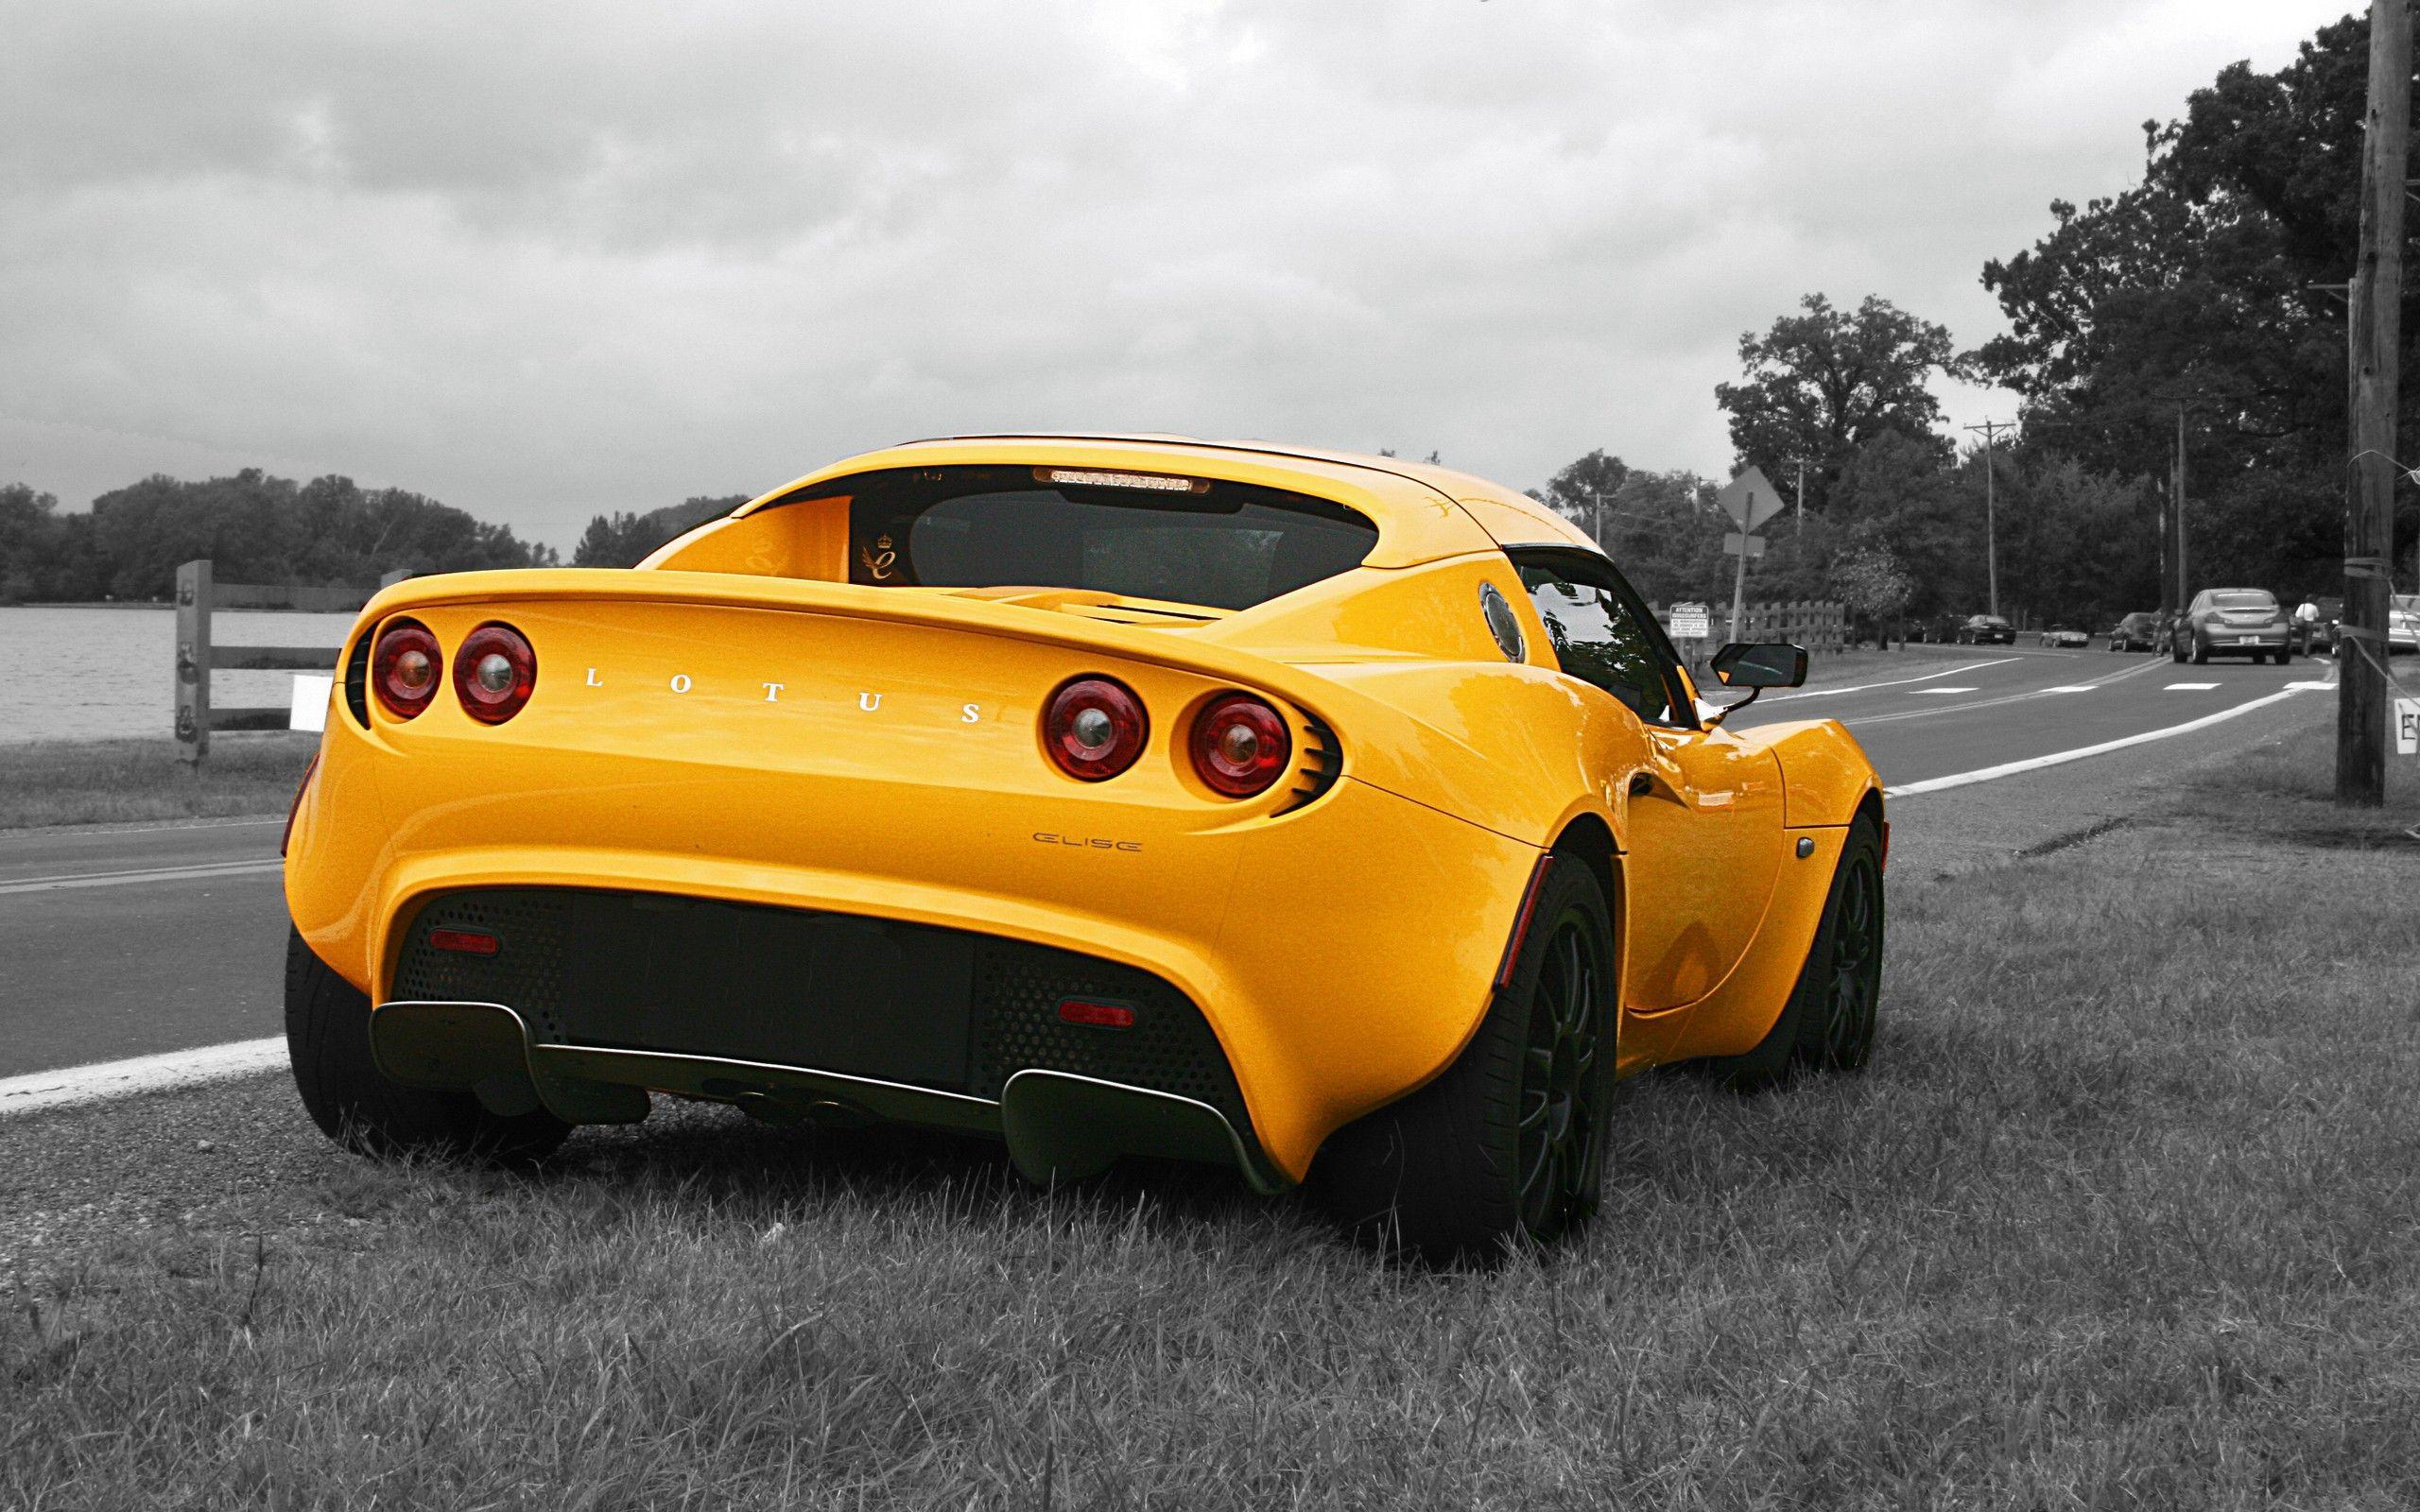 Lotus Car Wallpapers Top Free Lotus Car Backgrounds